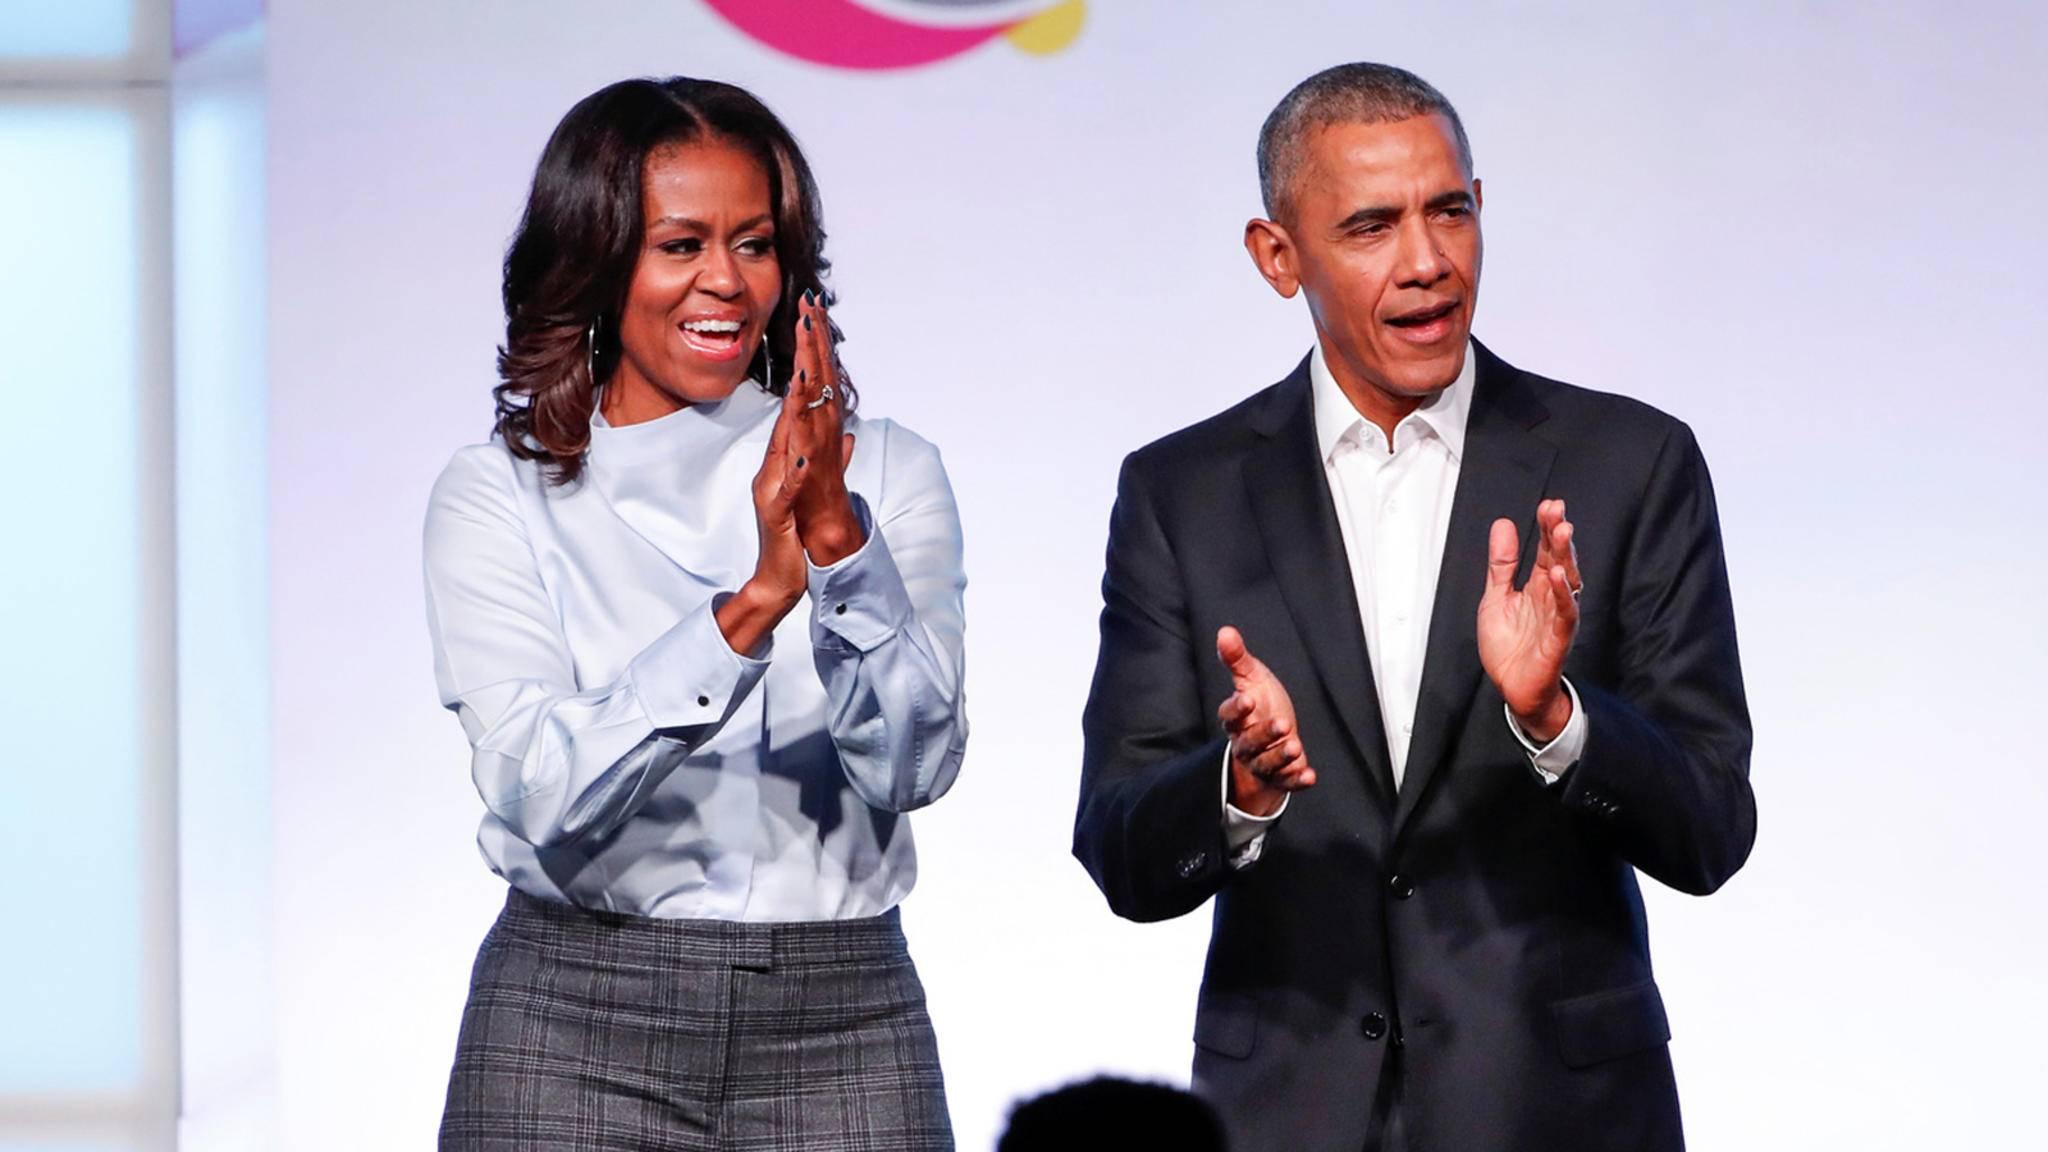 Michelle und Barack Obama produzieren demnächst Serien und Filme für Netflix.